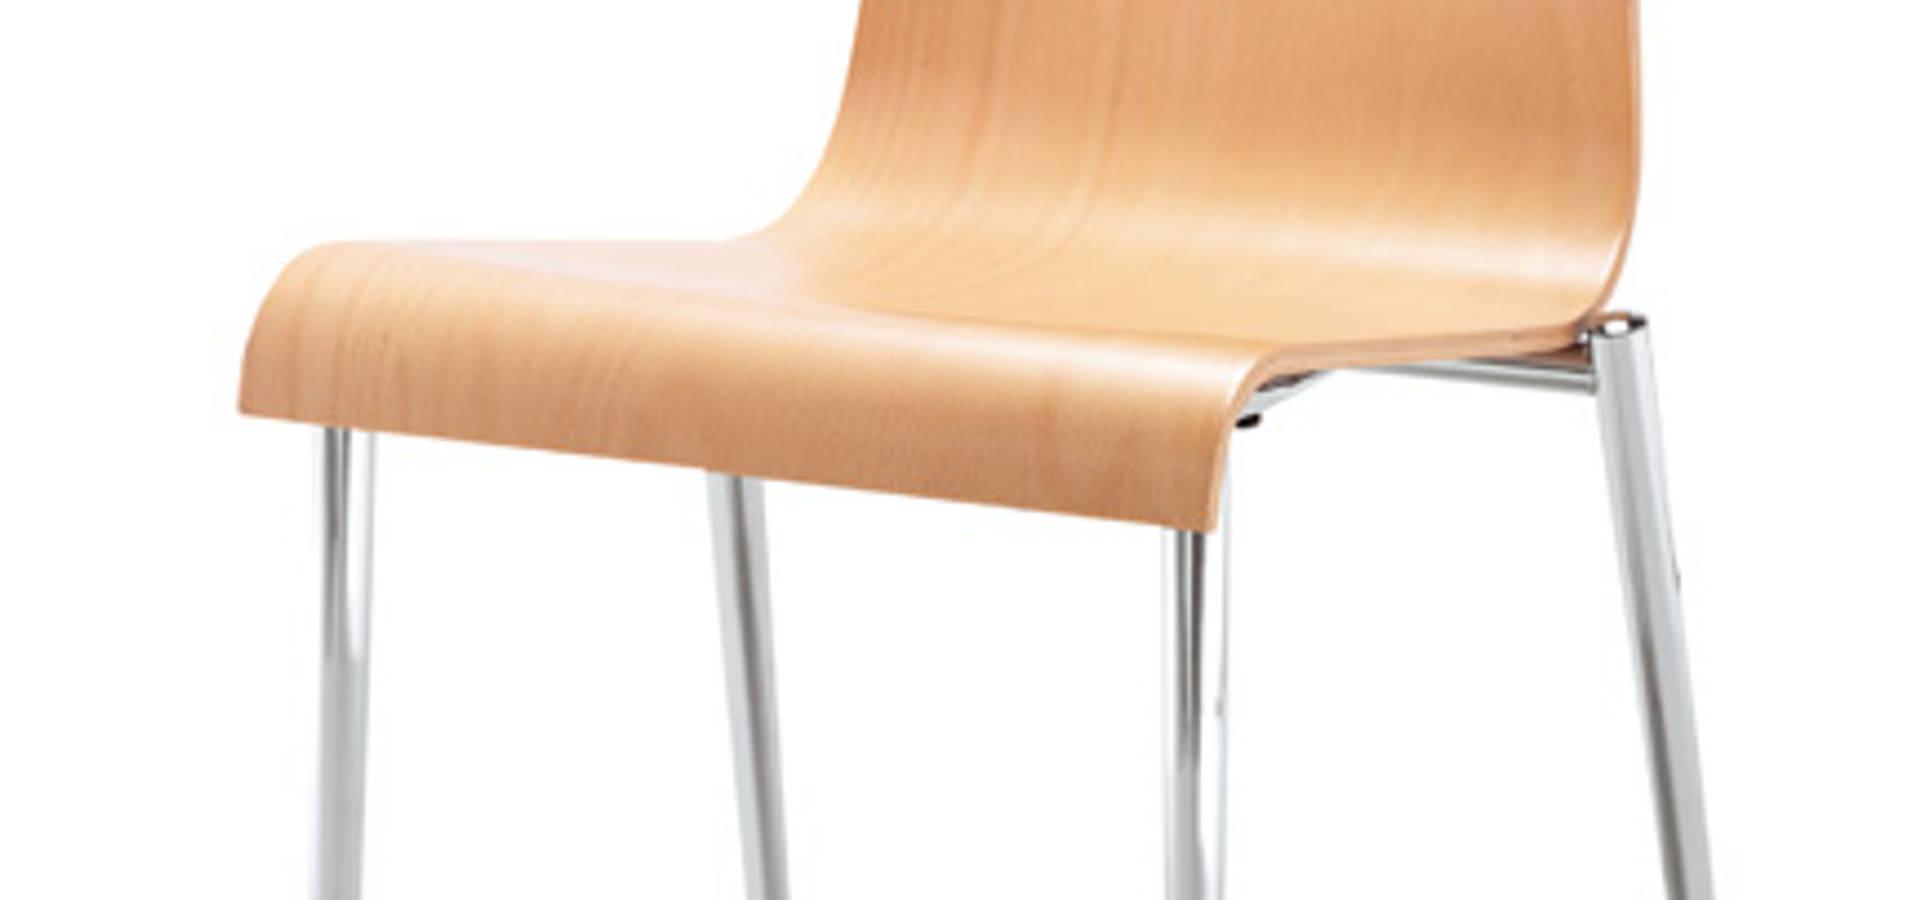 Braida ortolan interni srl mobili accessori a manzano for Interni srl